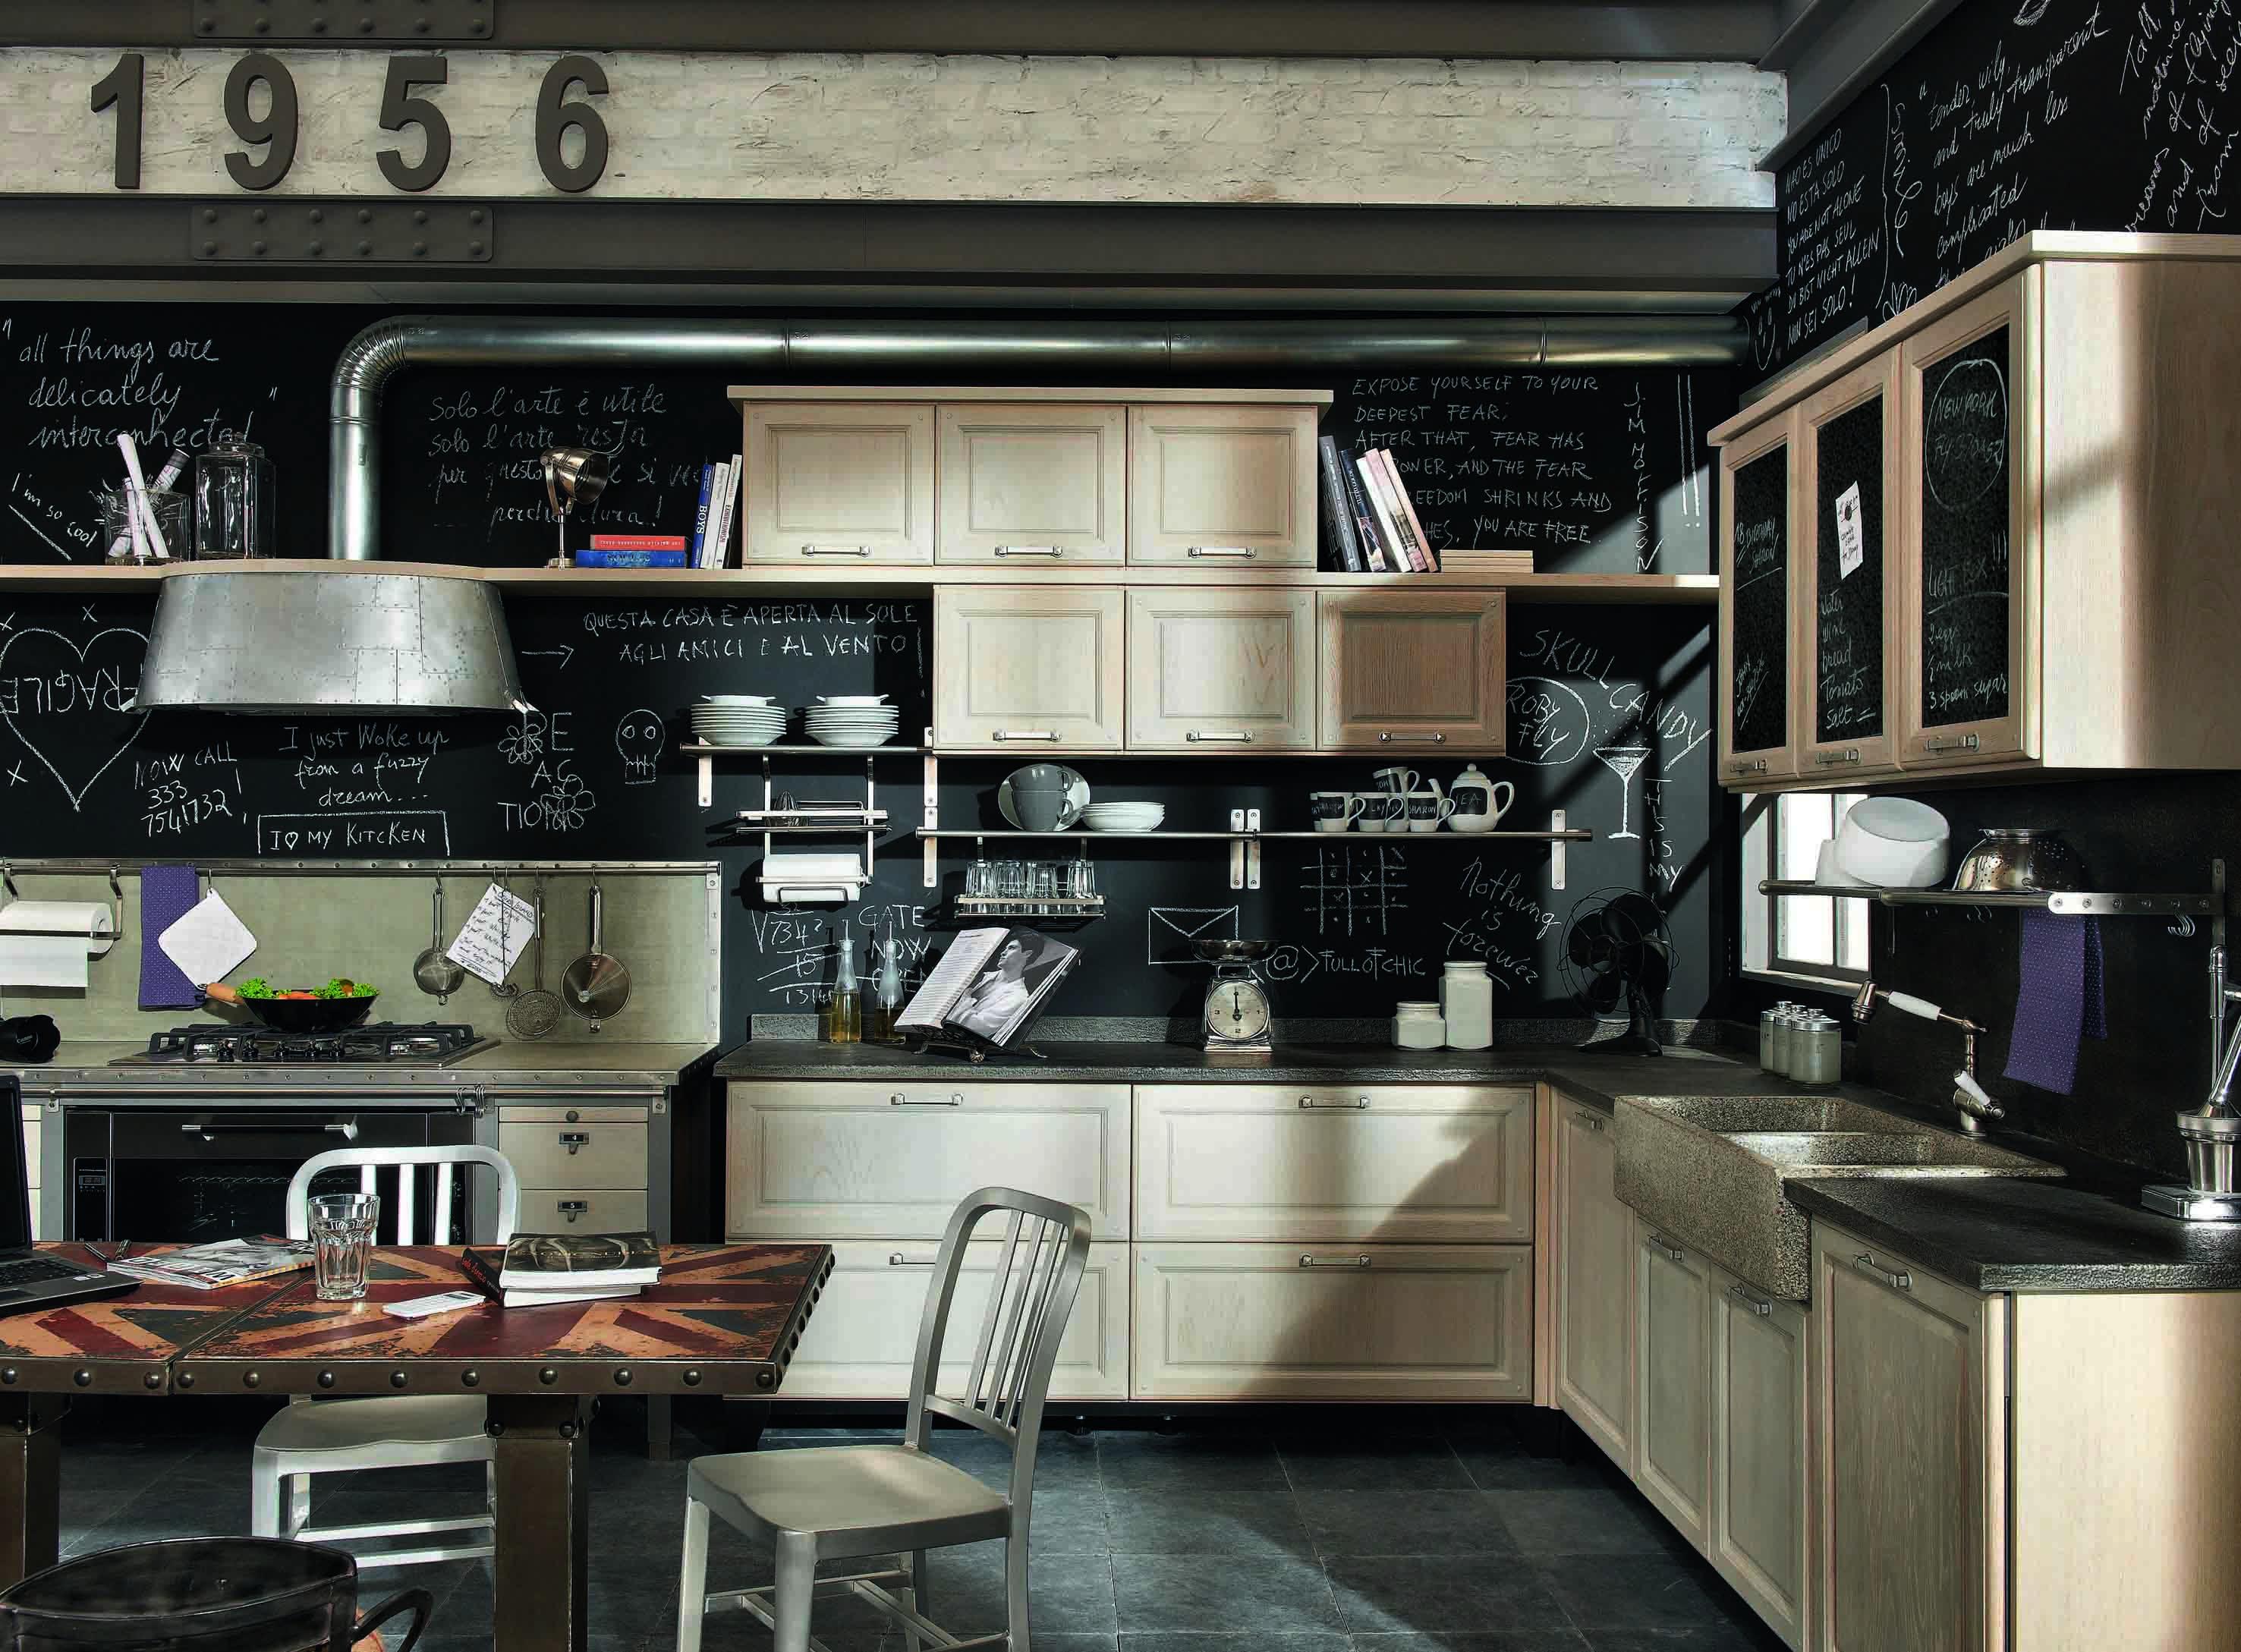 MARCHI CUCINE Veste Vintage! Arredativo Design Magazine #836A48 2953 2177 Arredo Cucina Stile Industriale